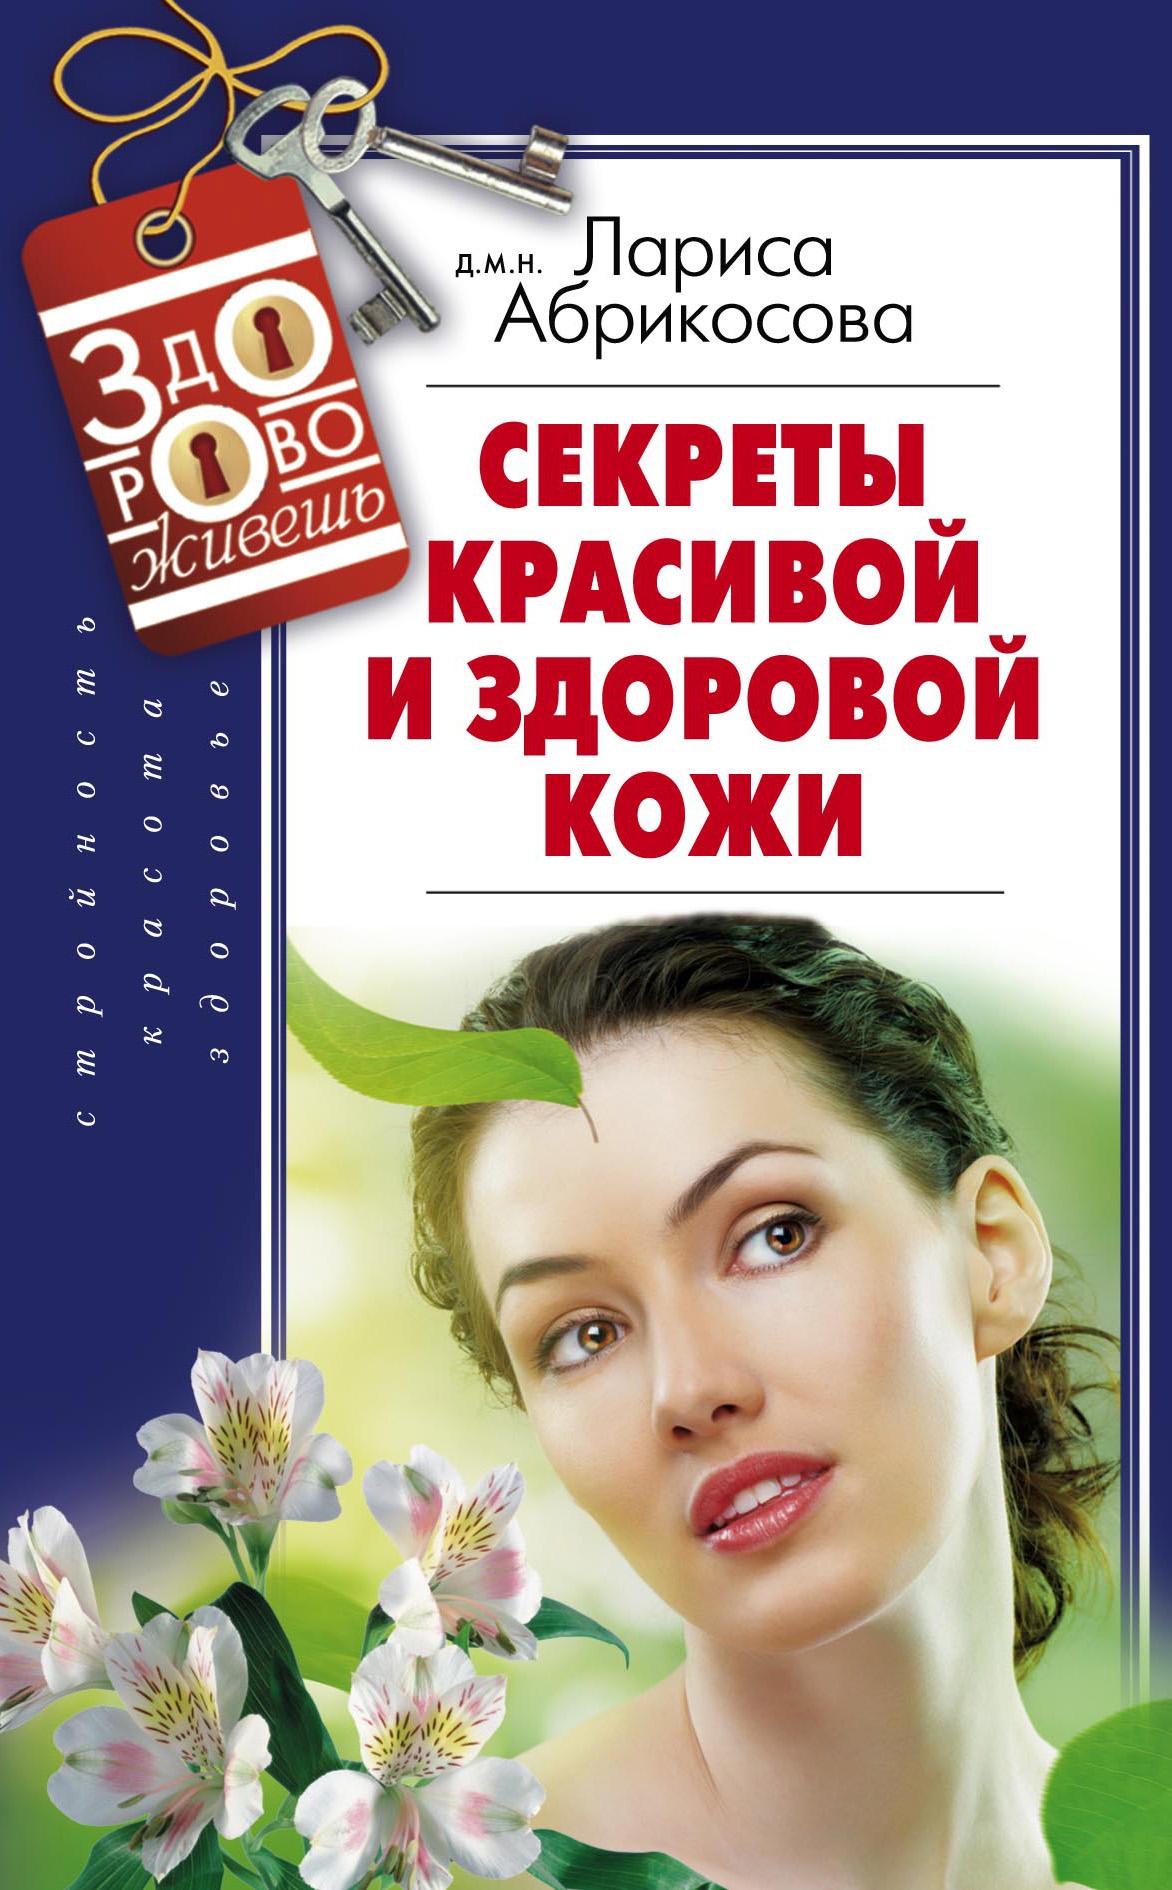 Лариса Абрикосова Секреты красивой и здоровой кожи полякова е сост как сохранить здоровье средства народной медицины